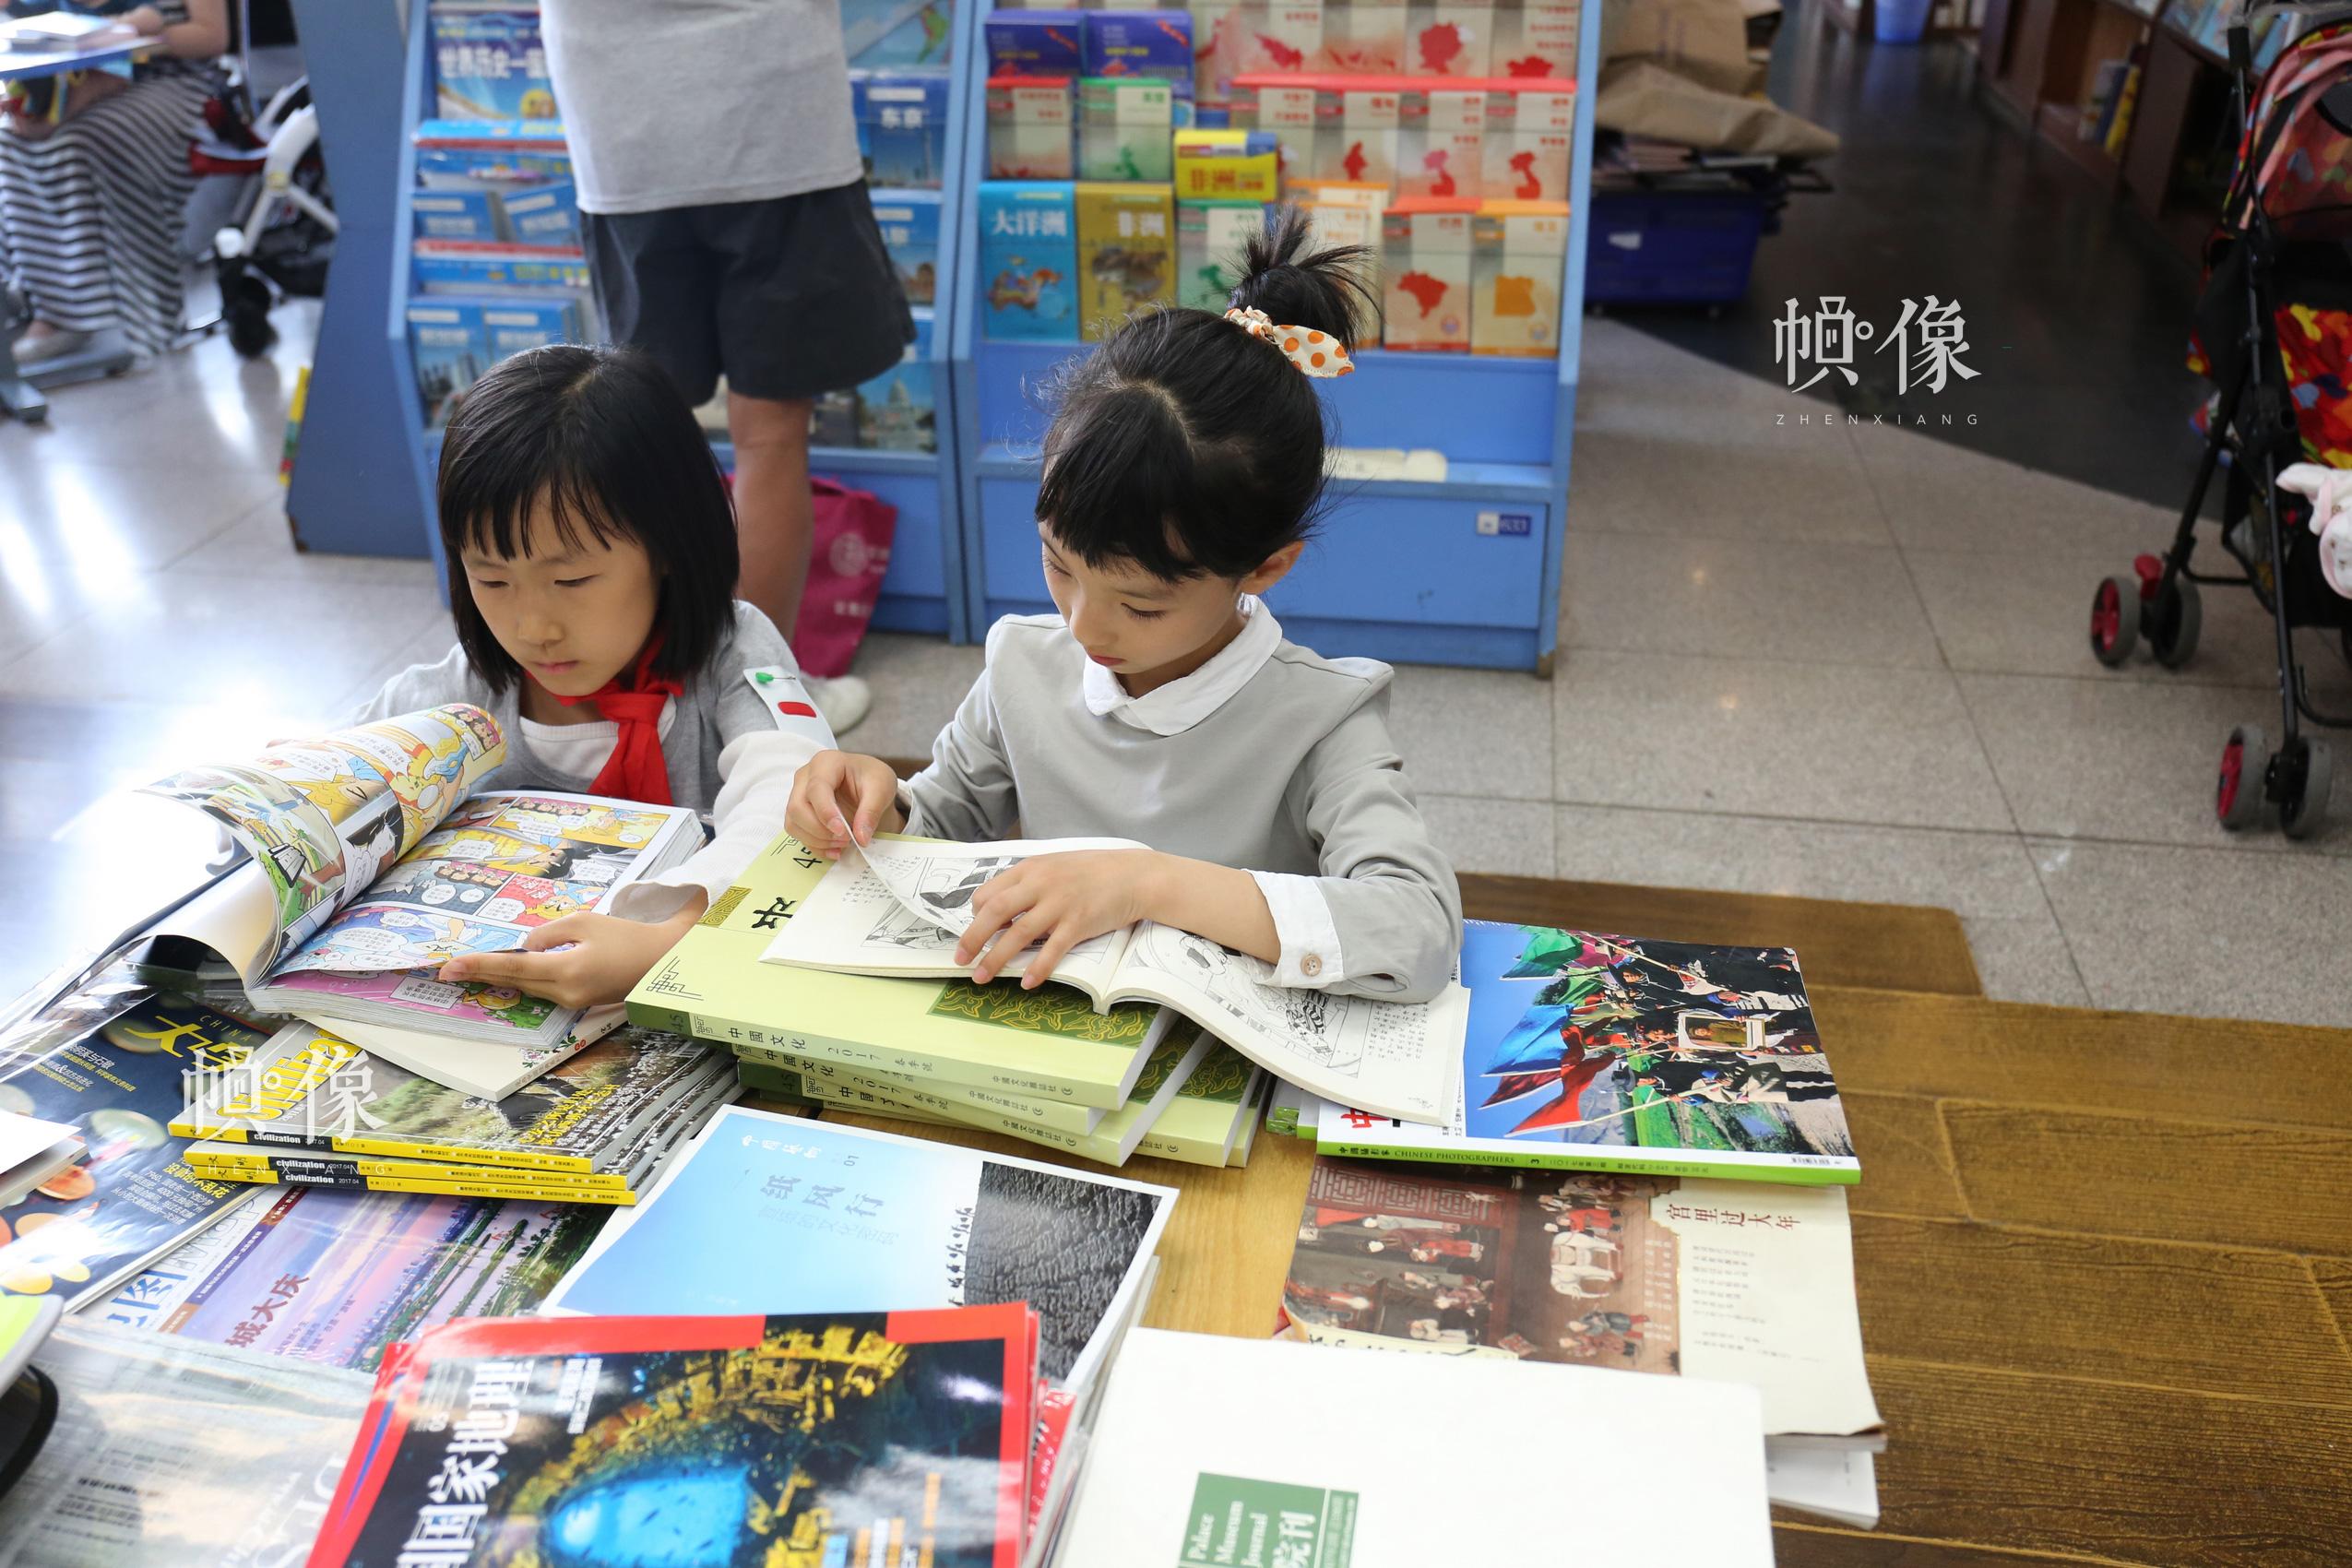 5月23日,北京三联书店美术馆店,两名刚下课的小朋友在读书。 中国网记者 赵超 摄